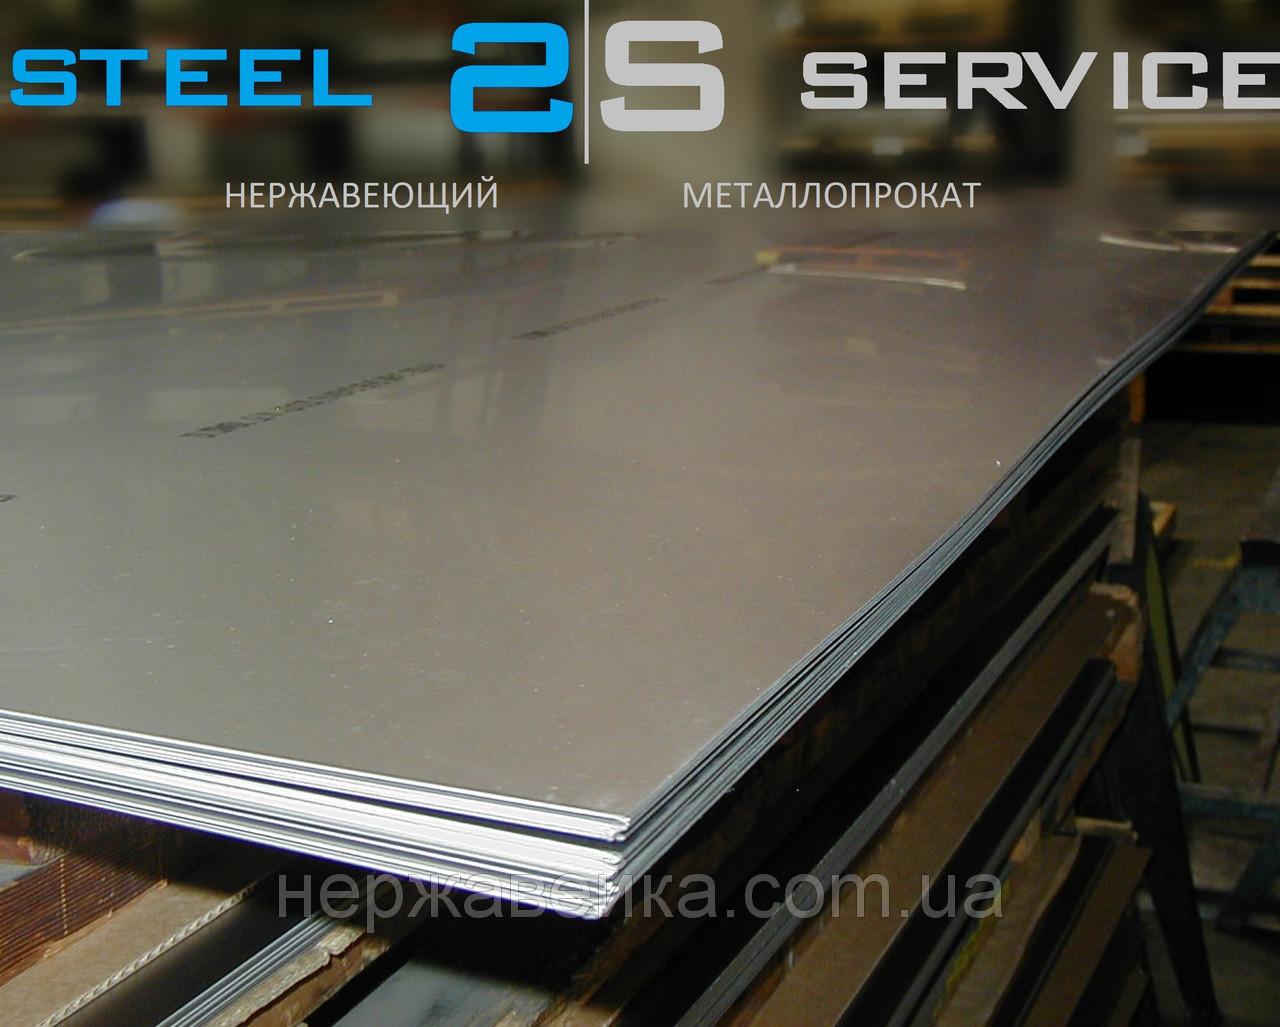 Нержавейка лист 0,8х1500х3000мм  AISI 309(20Х23Н13, 20Х20Н14С2) 2B - матовый,  жаропрочный